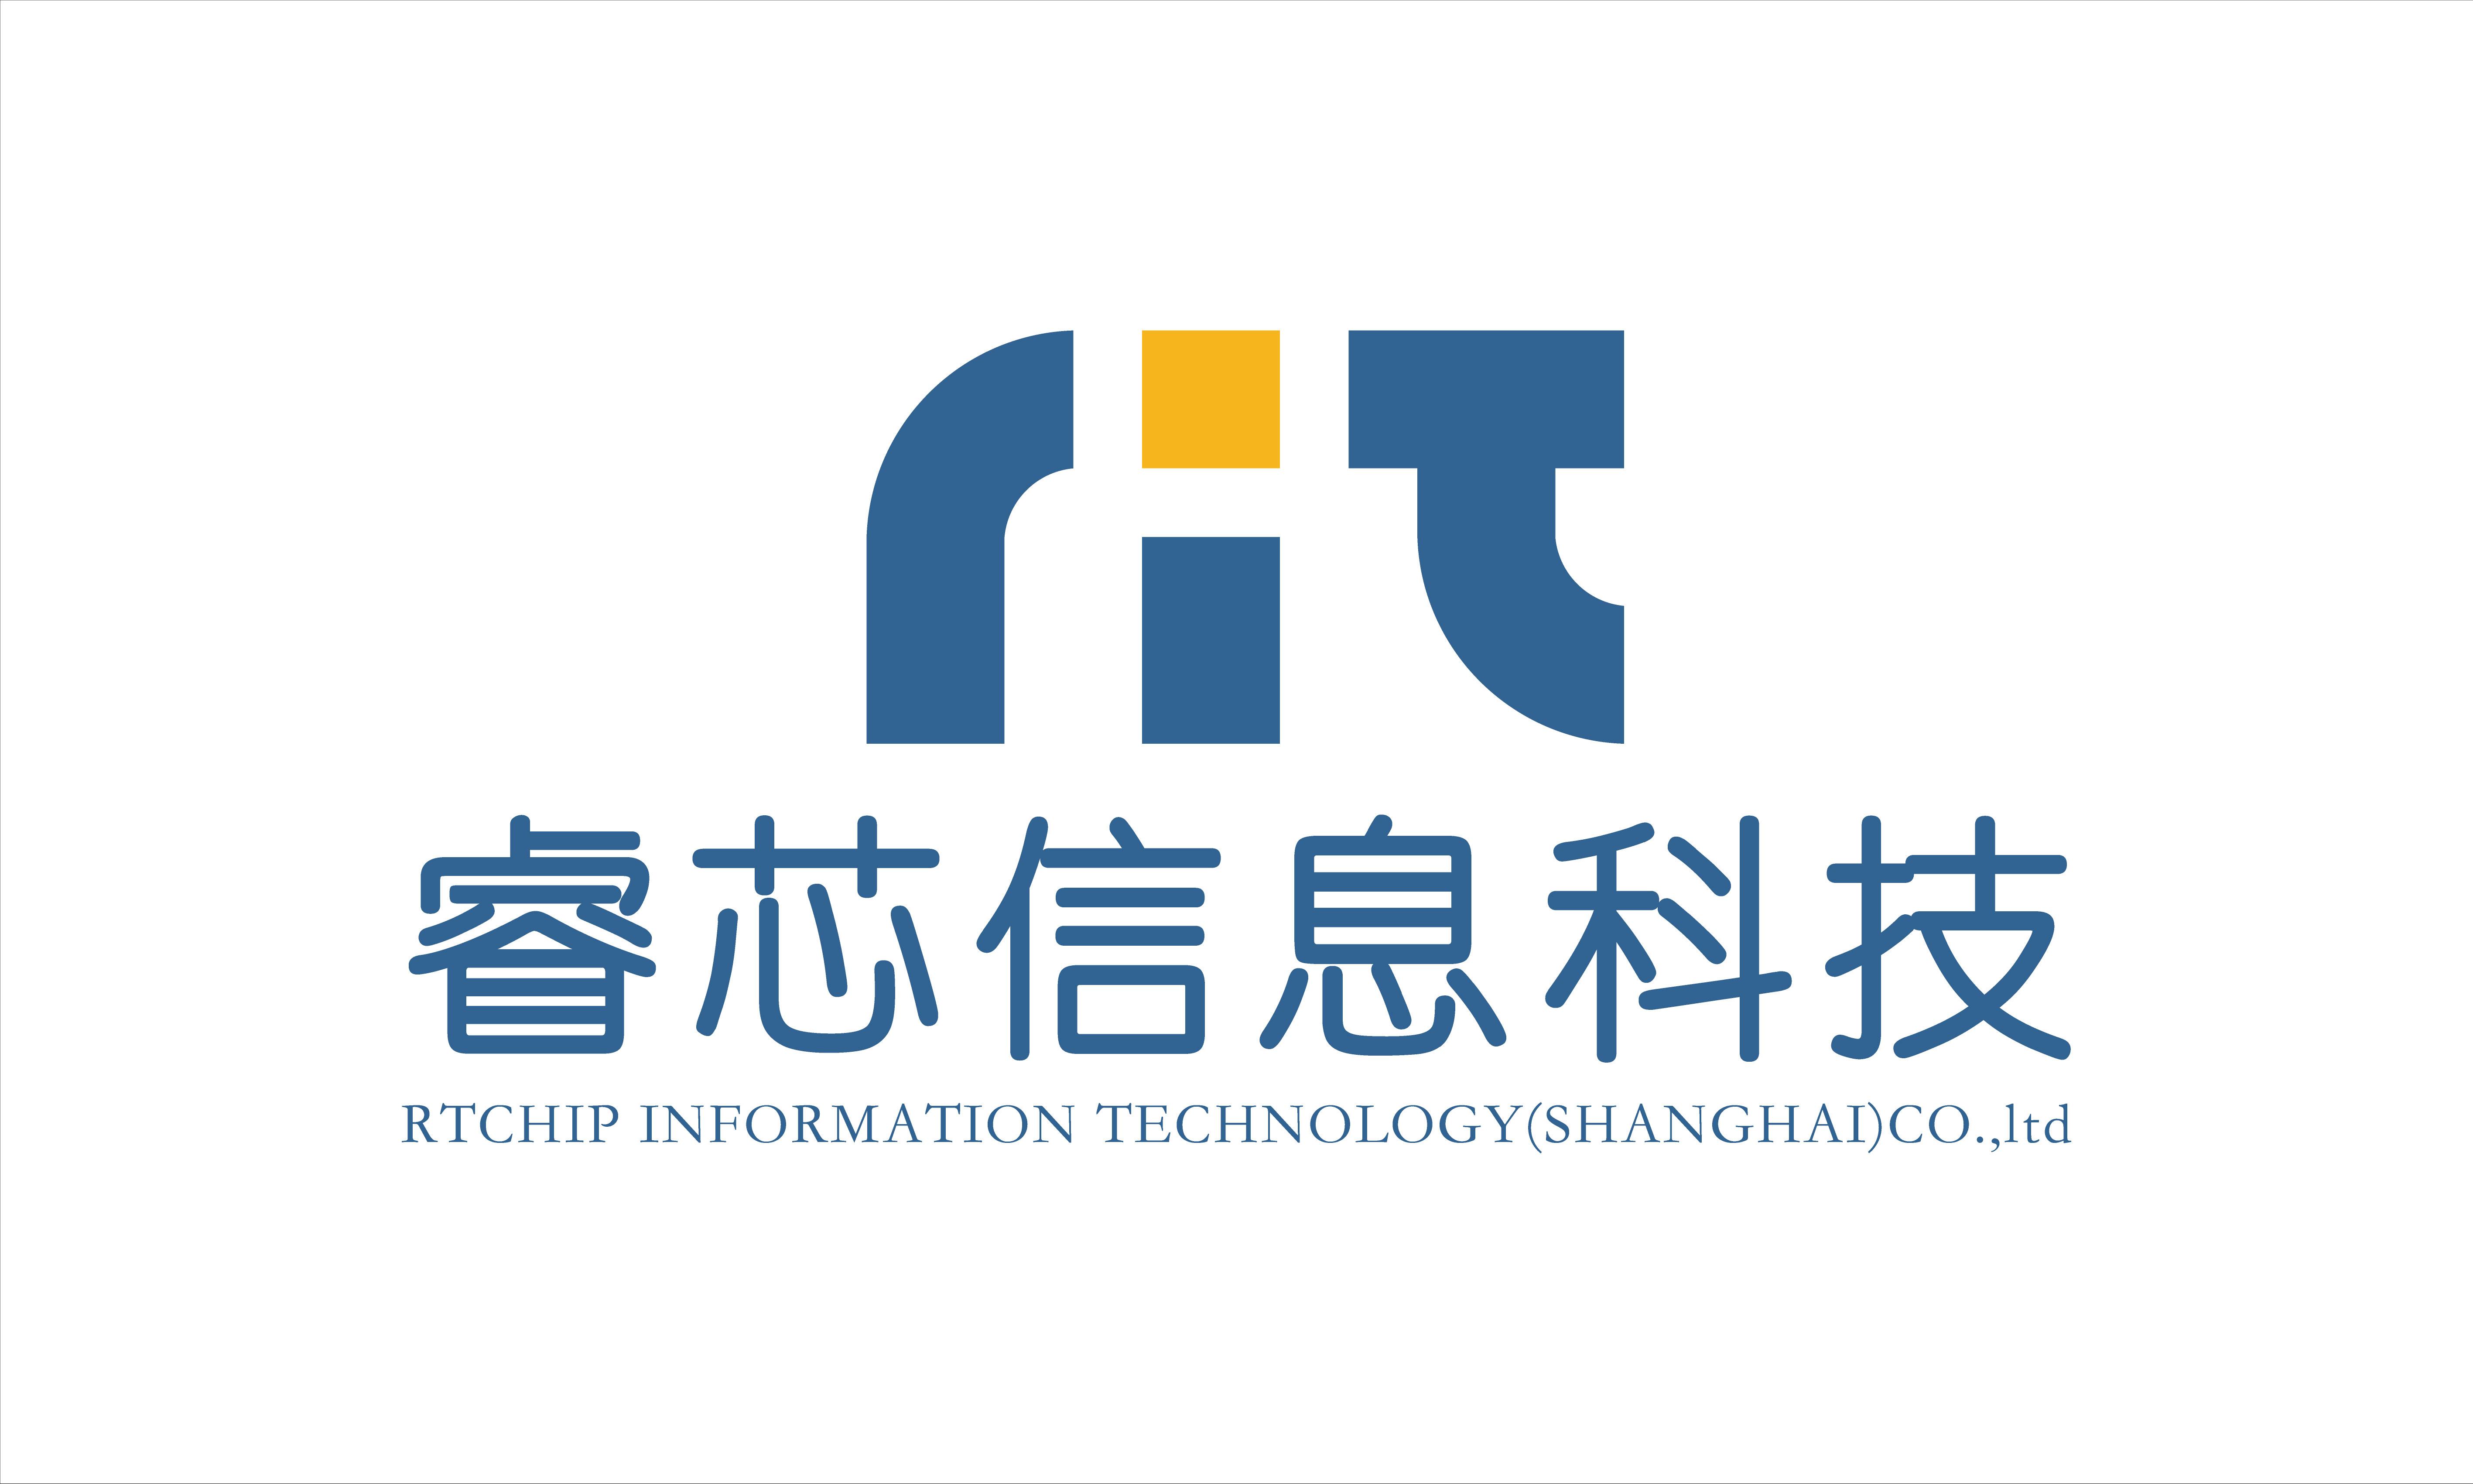 睿芯信息科技(上海)有限公司